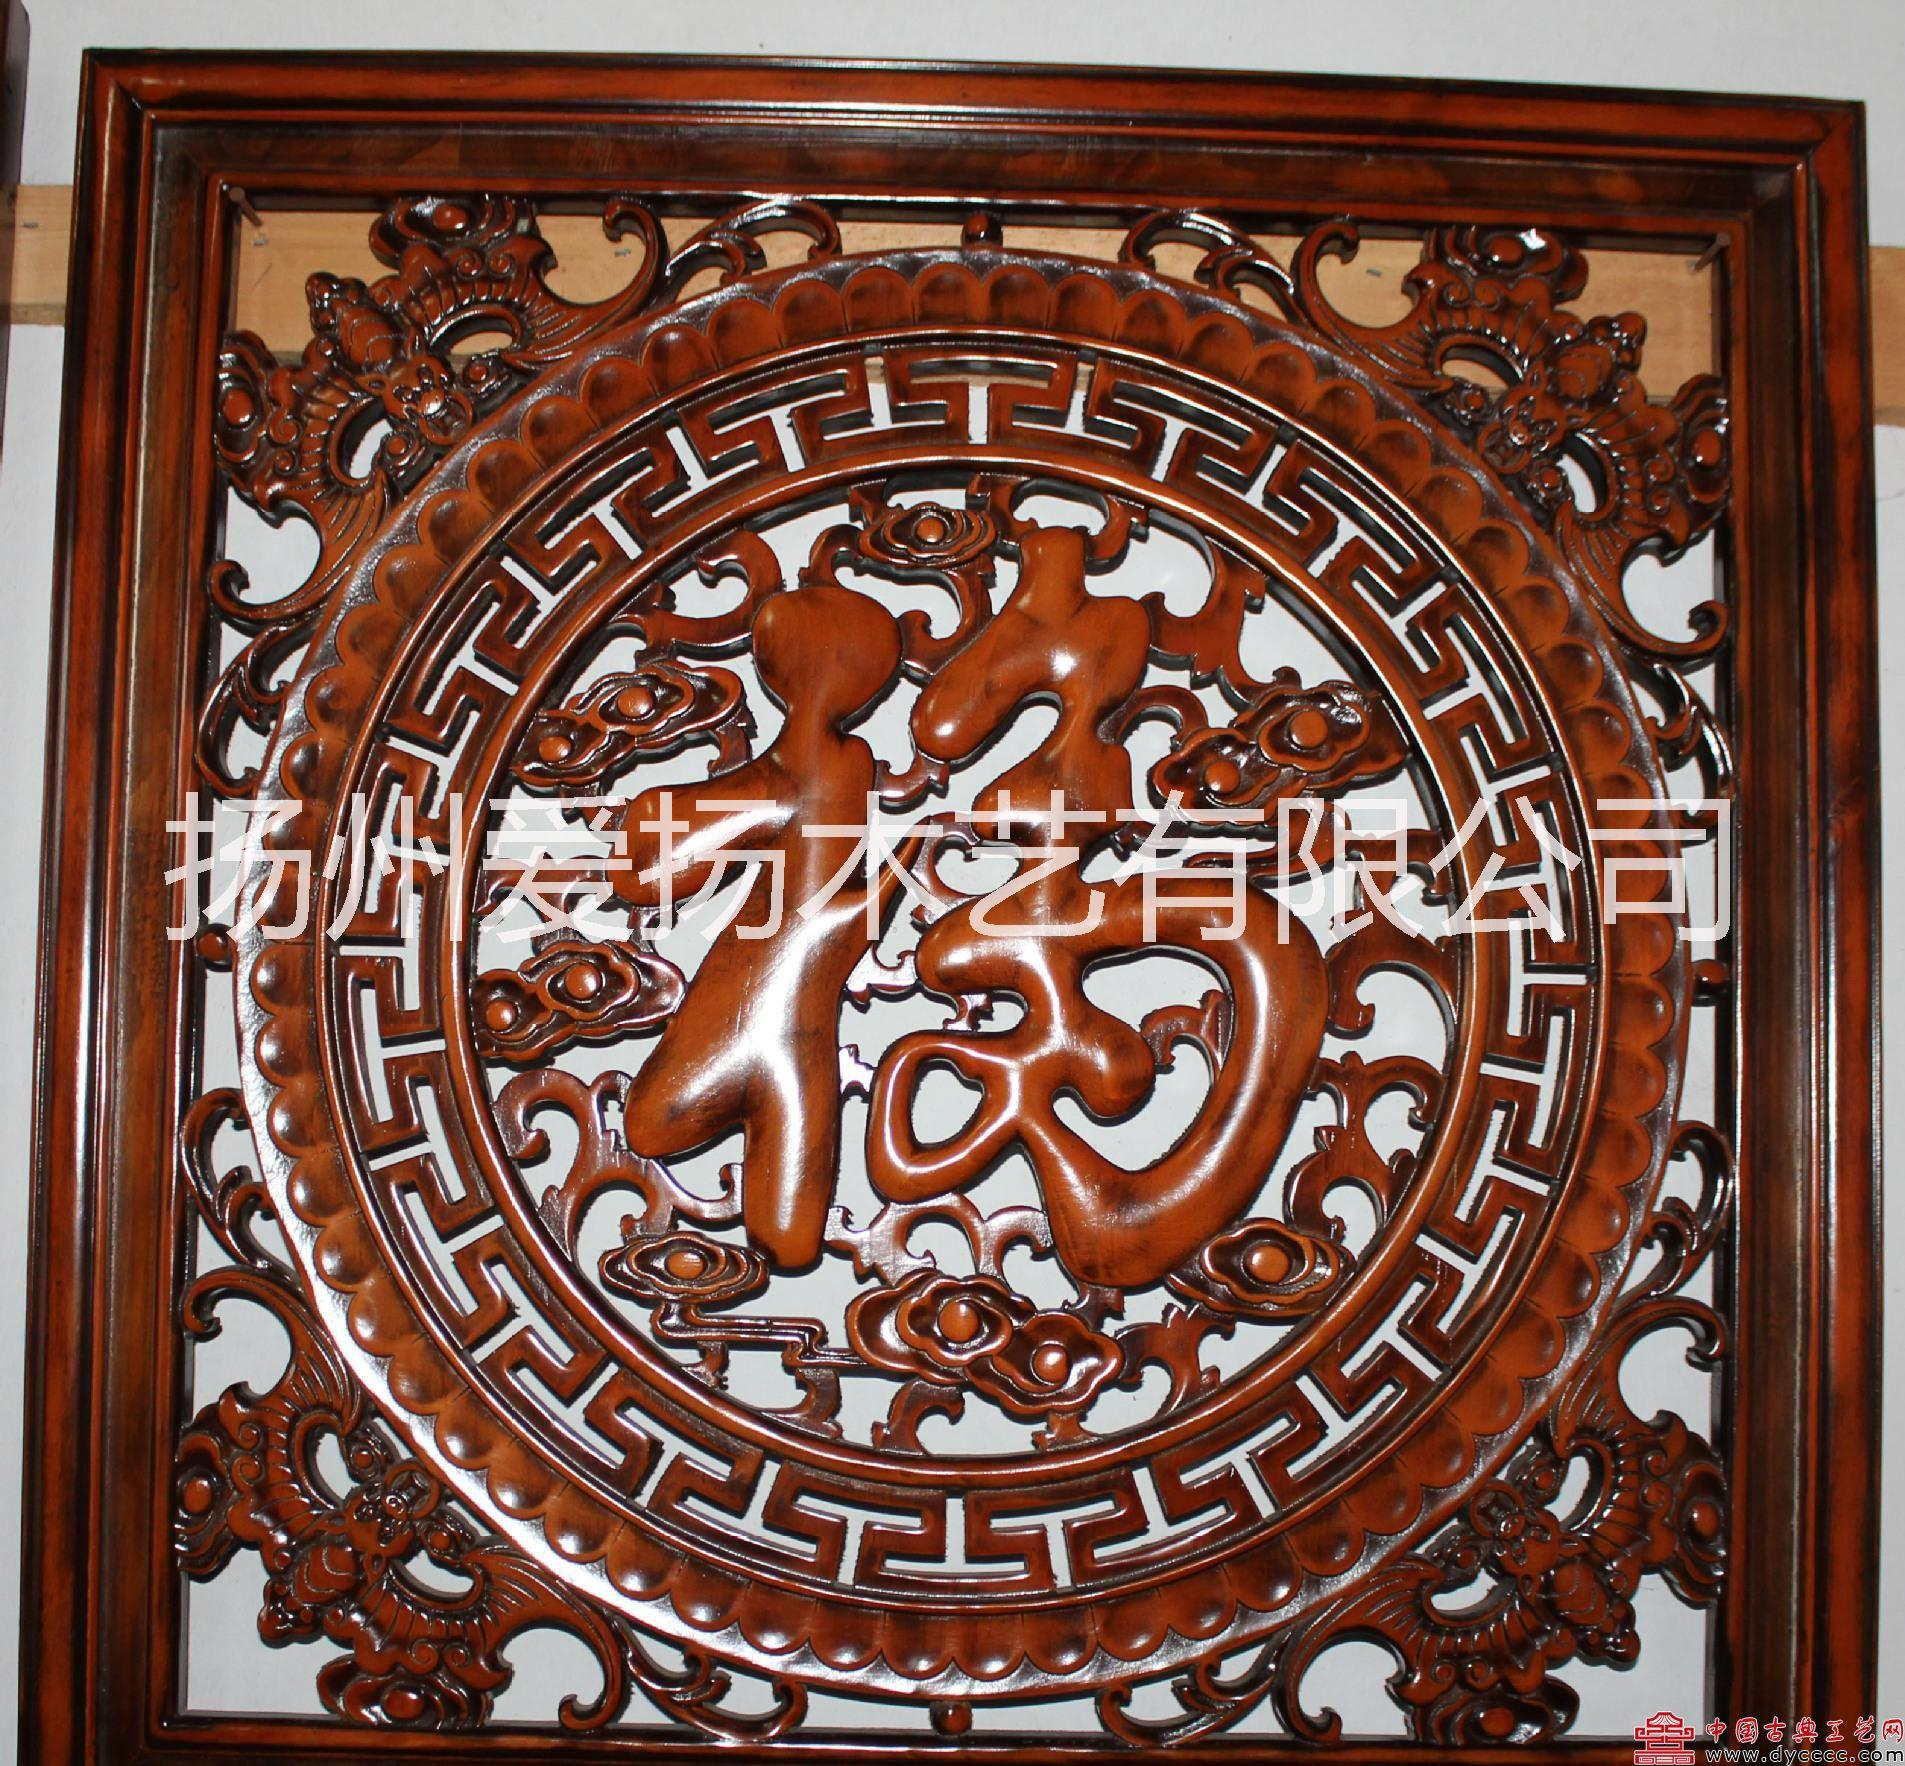 实木雕花挂件图片|实木雕花挂件样板图|实木雕花挂件